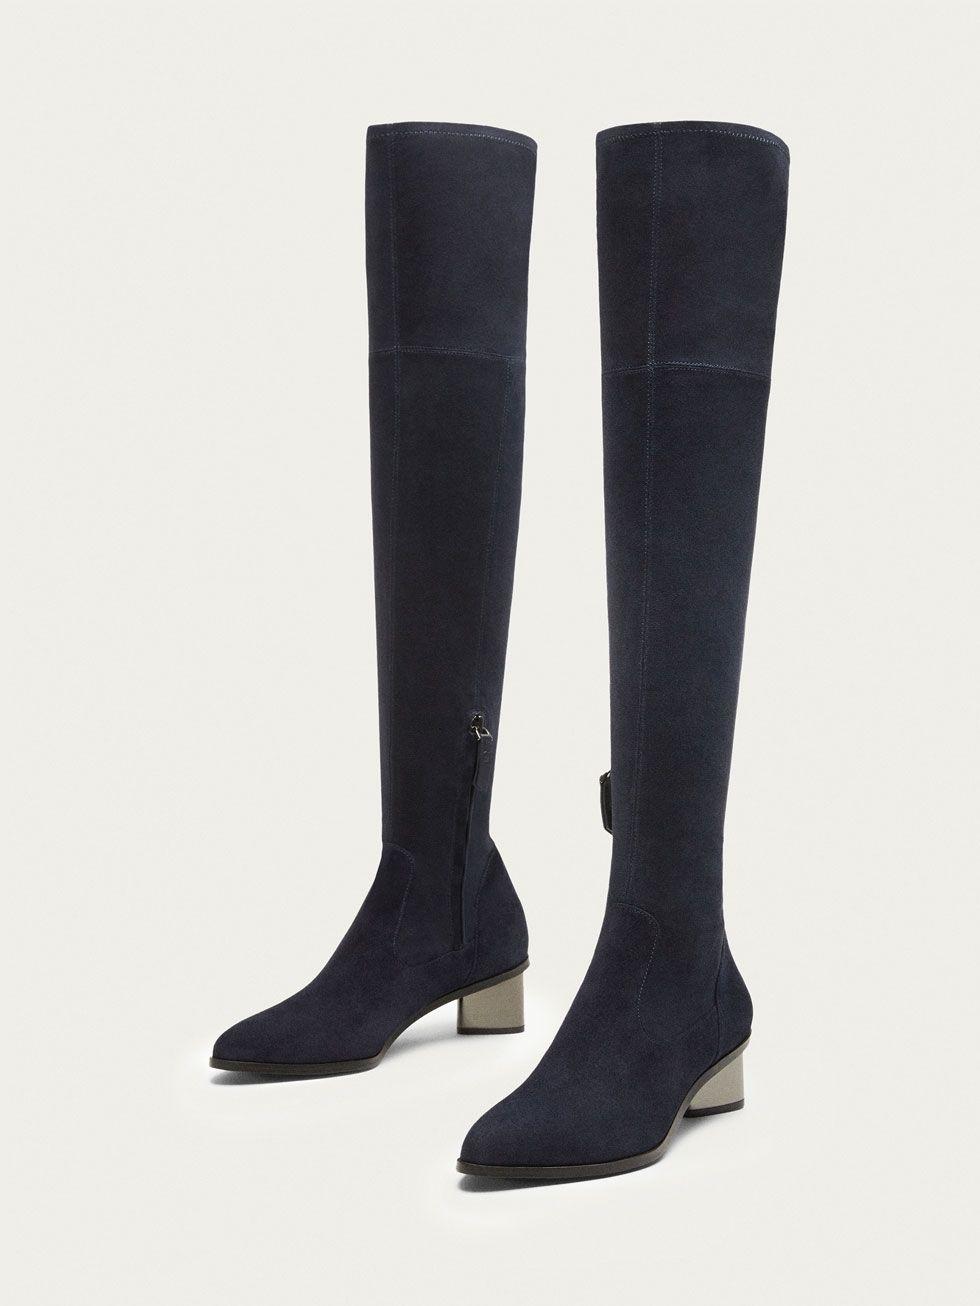 BOTA TACÓN PIEL XL ANTE AZUL de MUJER - Zapatos - Ver todo de Massimo Dutti d3db4bb74efa